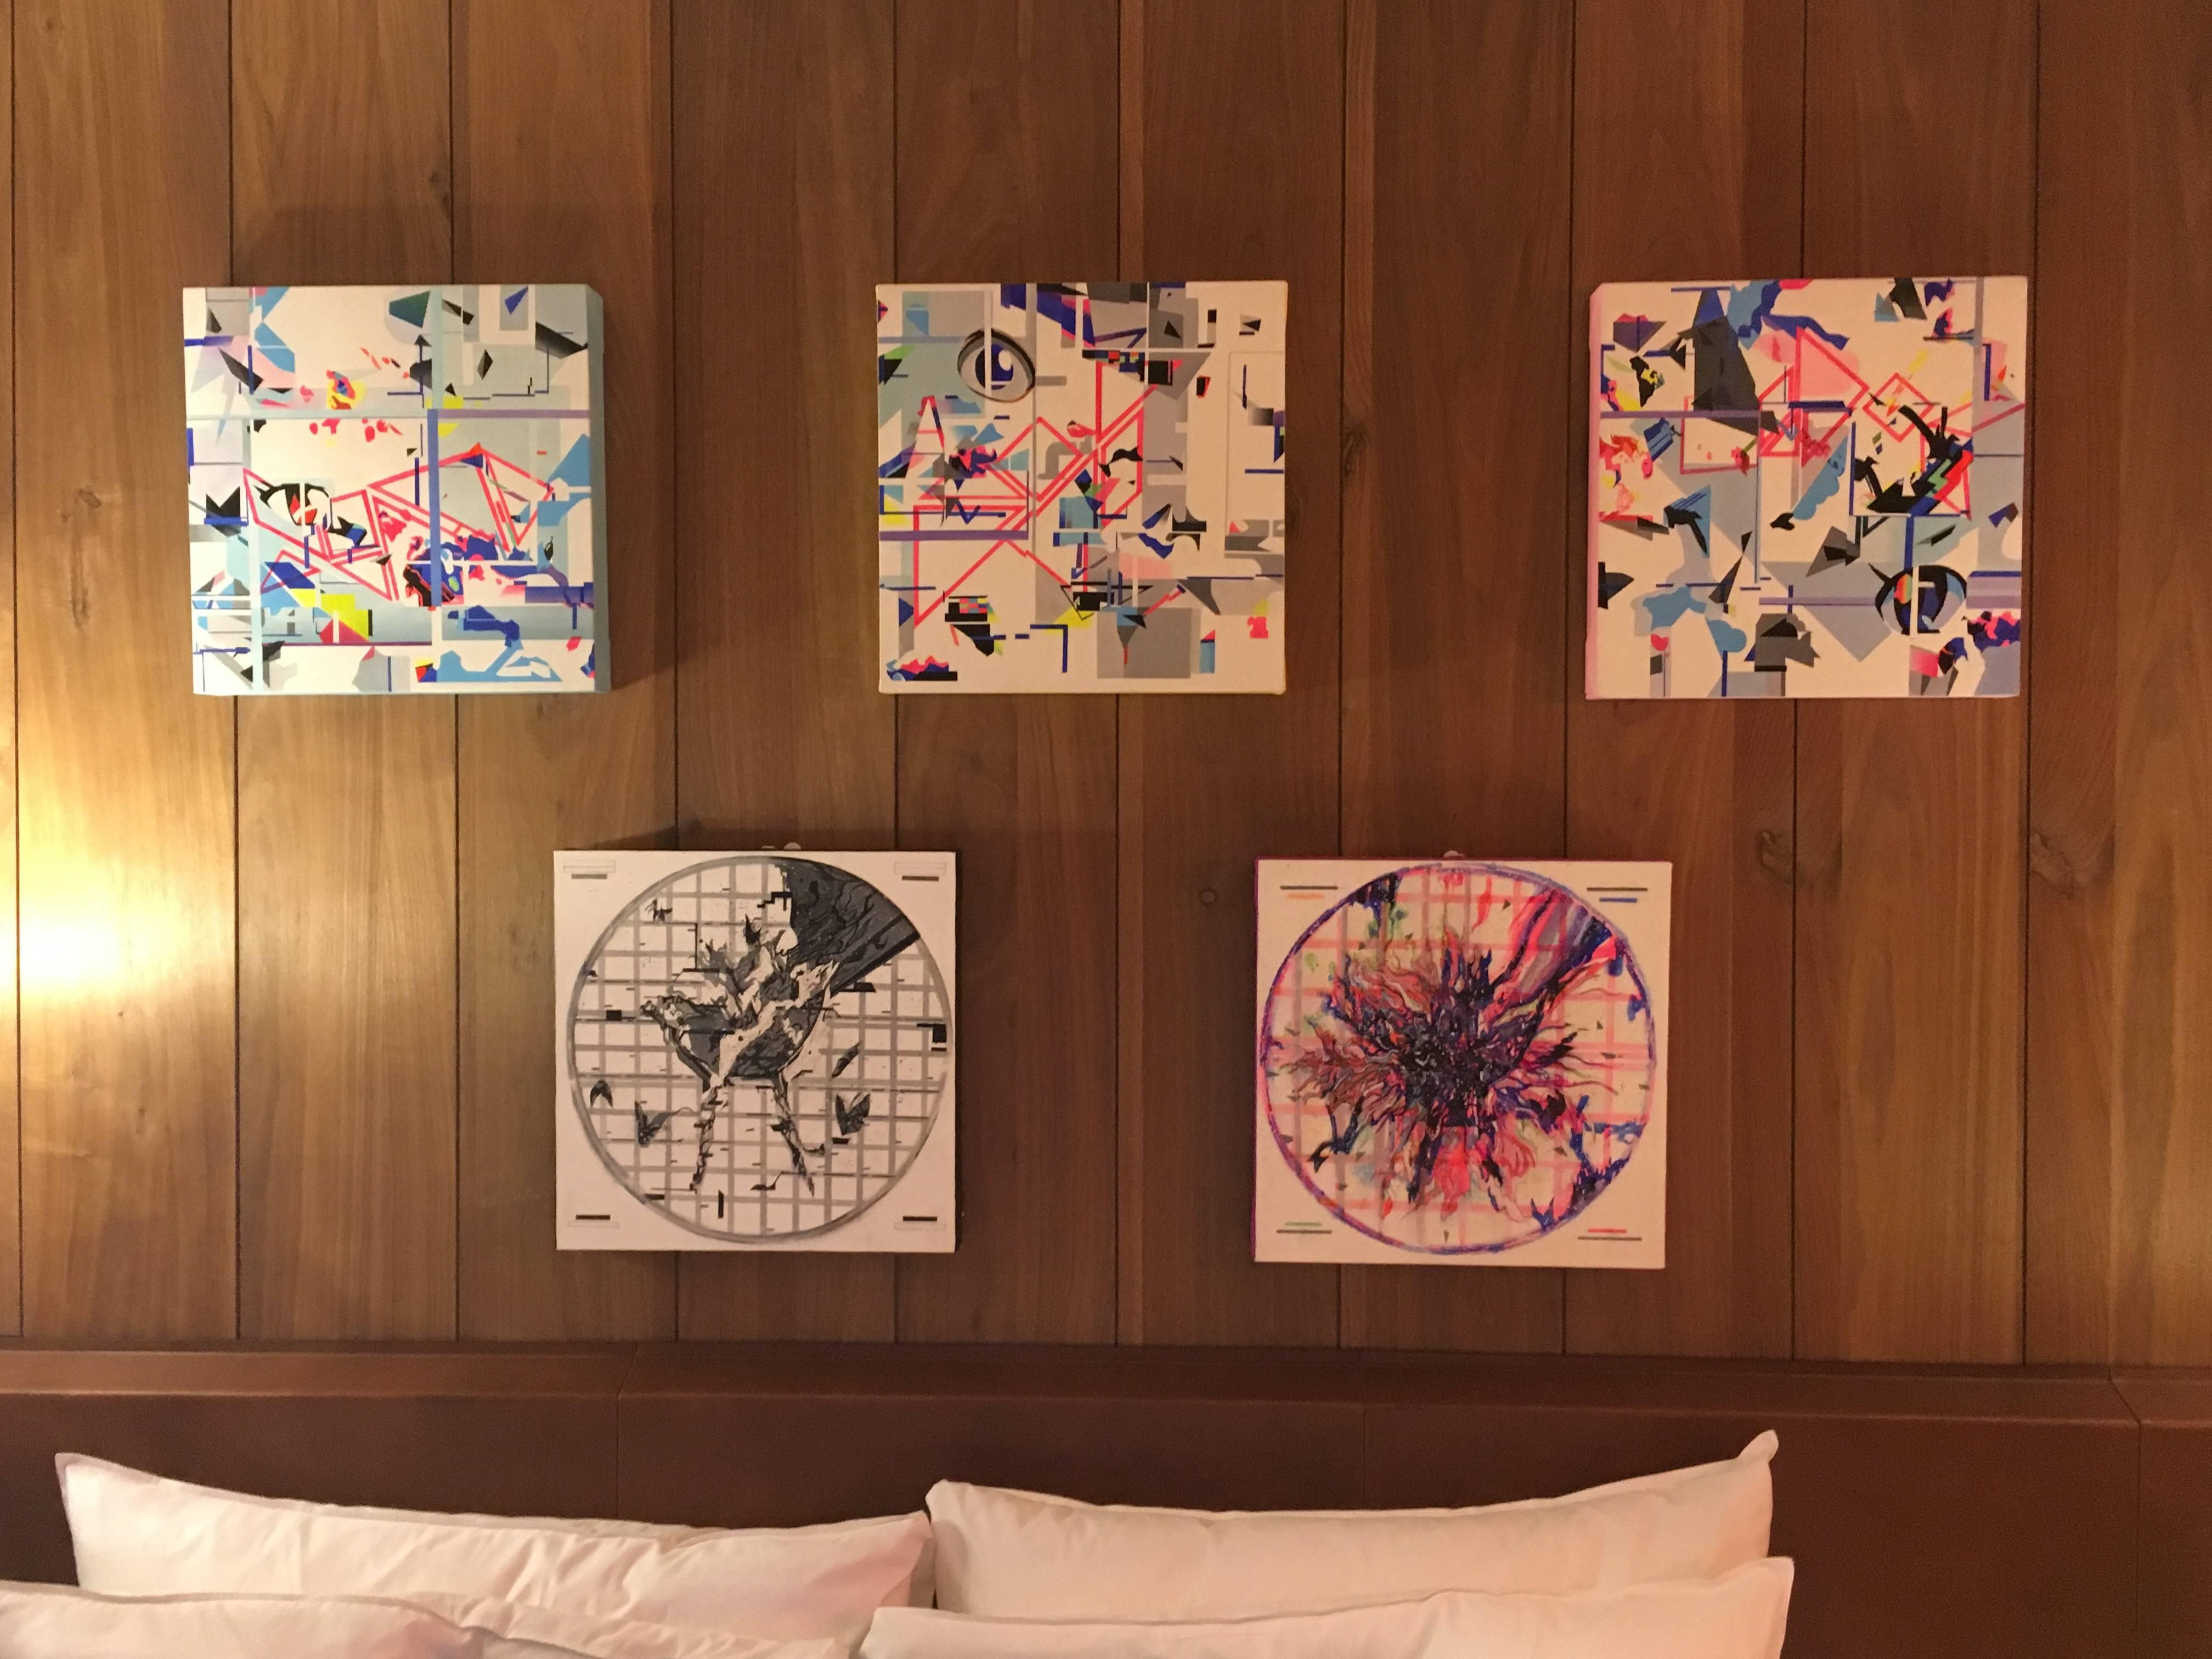 703-大學院所特展區展出作品。